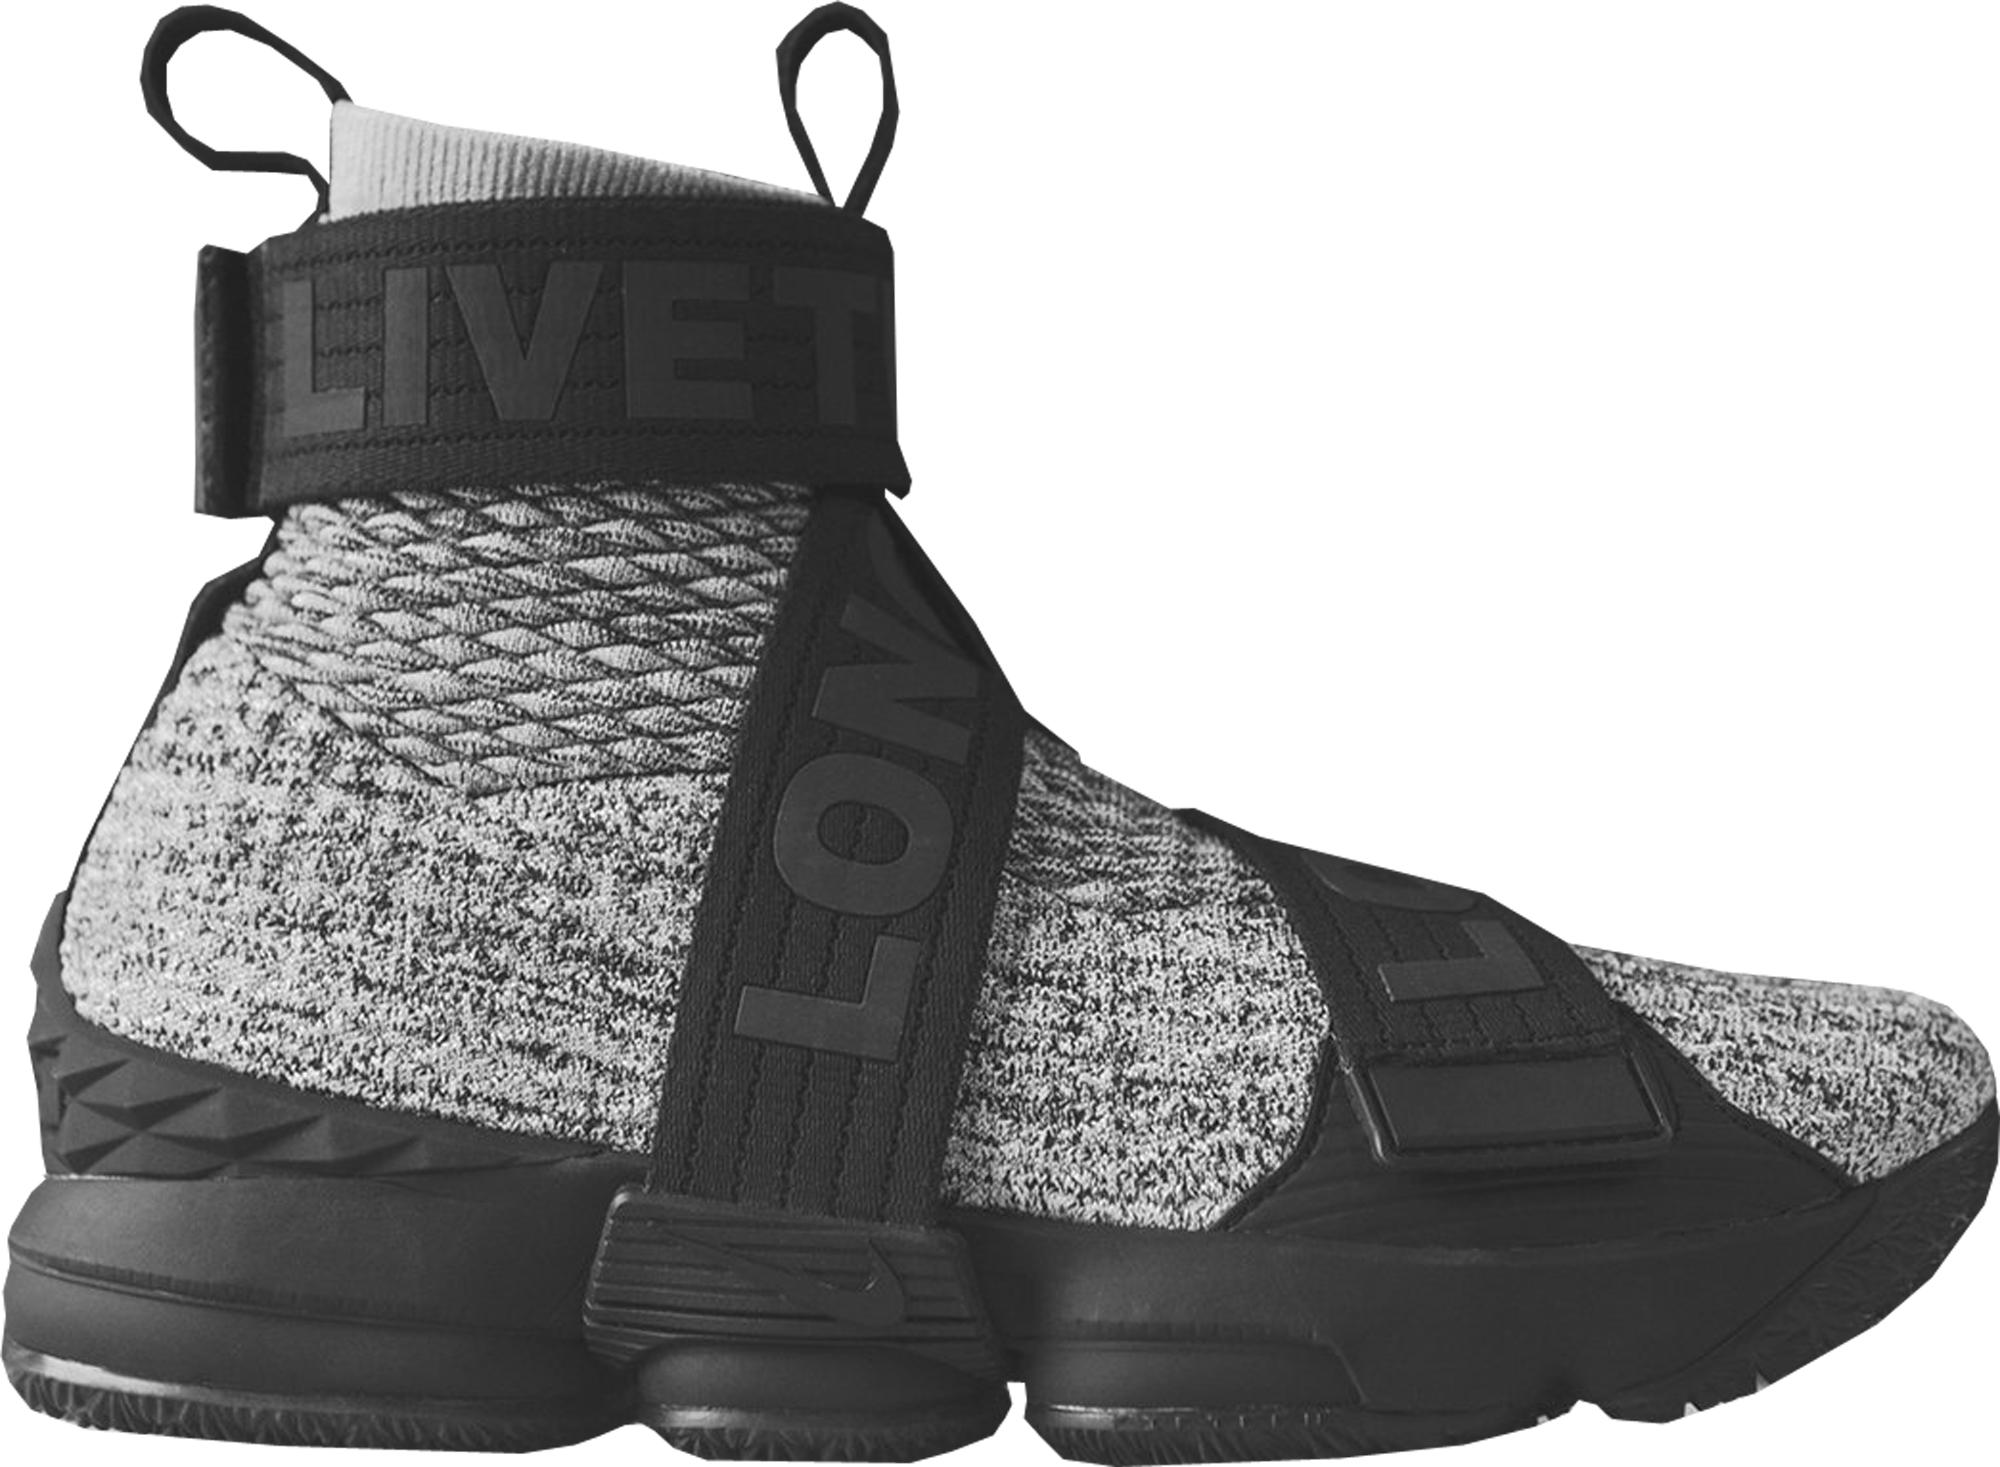 KITH x Nike LeBron 15 Lifestyle Concrete